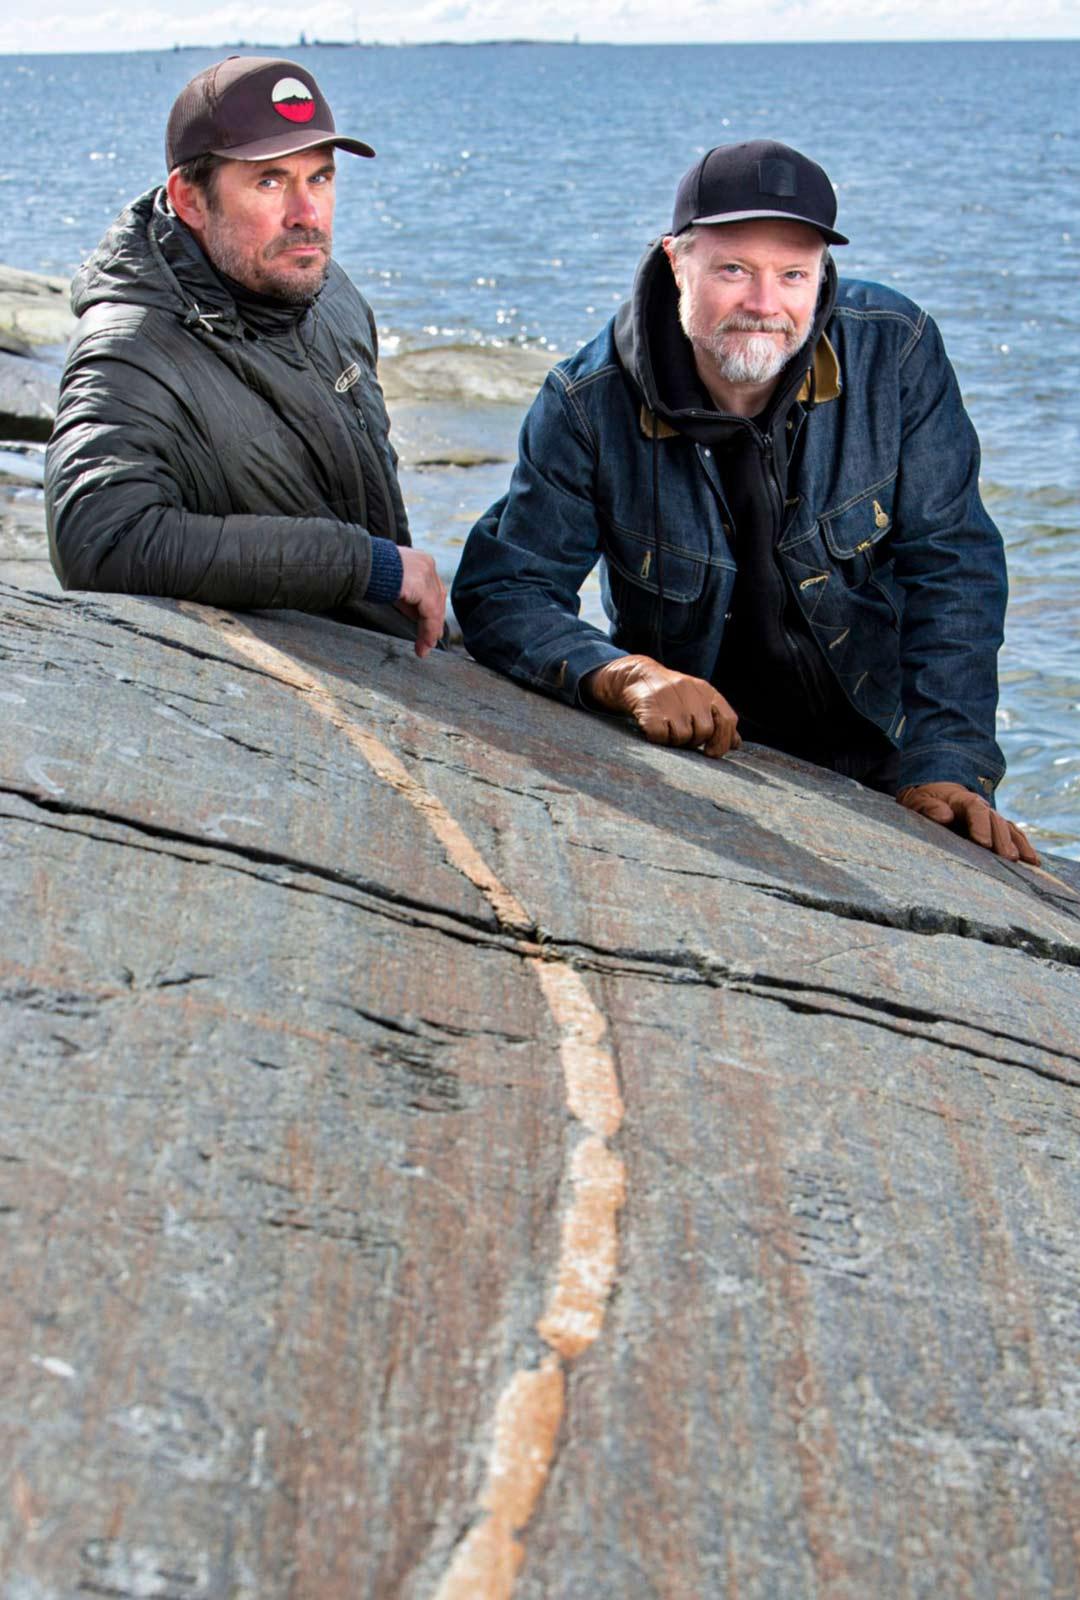 Tommi Korpela ja Kari Hietalahti lähtevät mieluiten kalaan lonkerosäällä eli silloin, kun aurinko on pilvessä ja ilma on suttuinen. Saalista tärkeämpää on nauttia vesillä olosta ja perhon heittely meditatiivisuudesta.